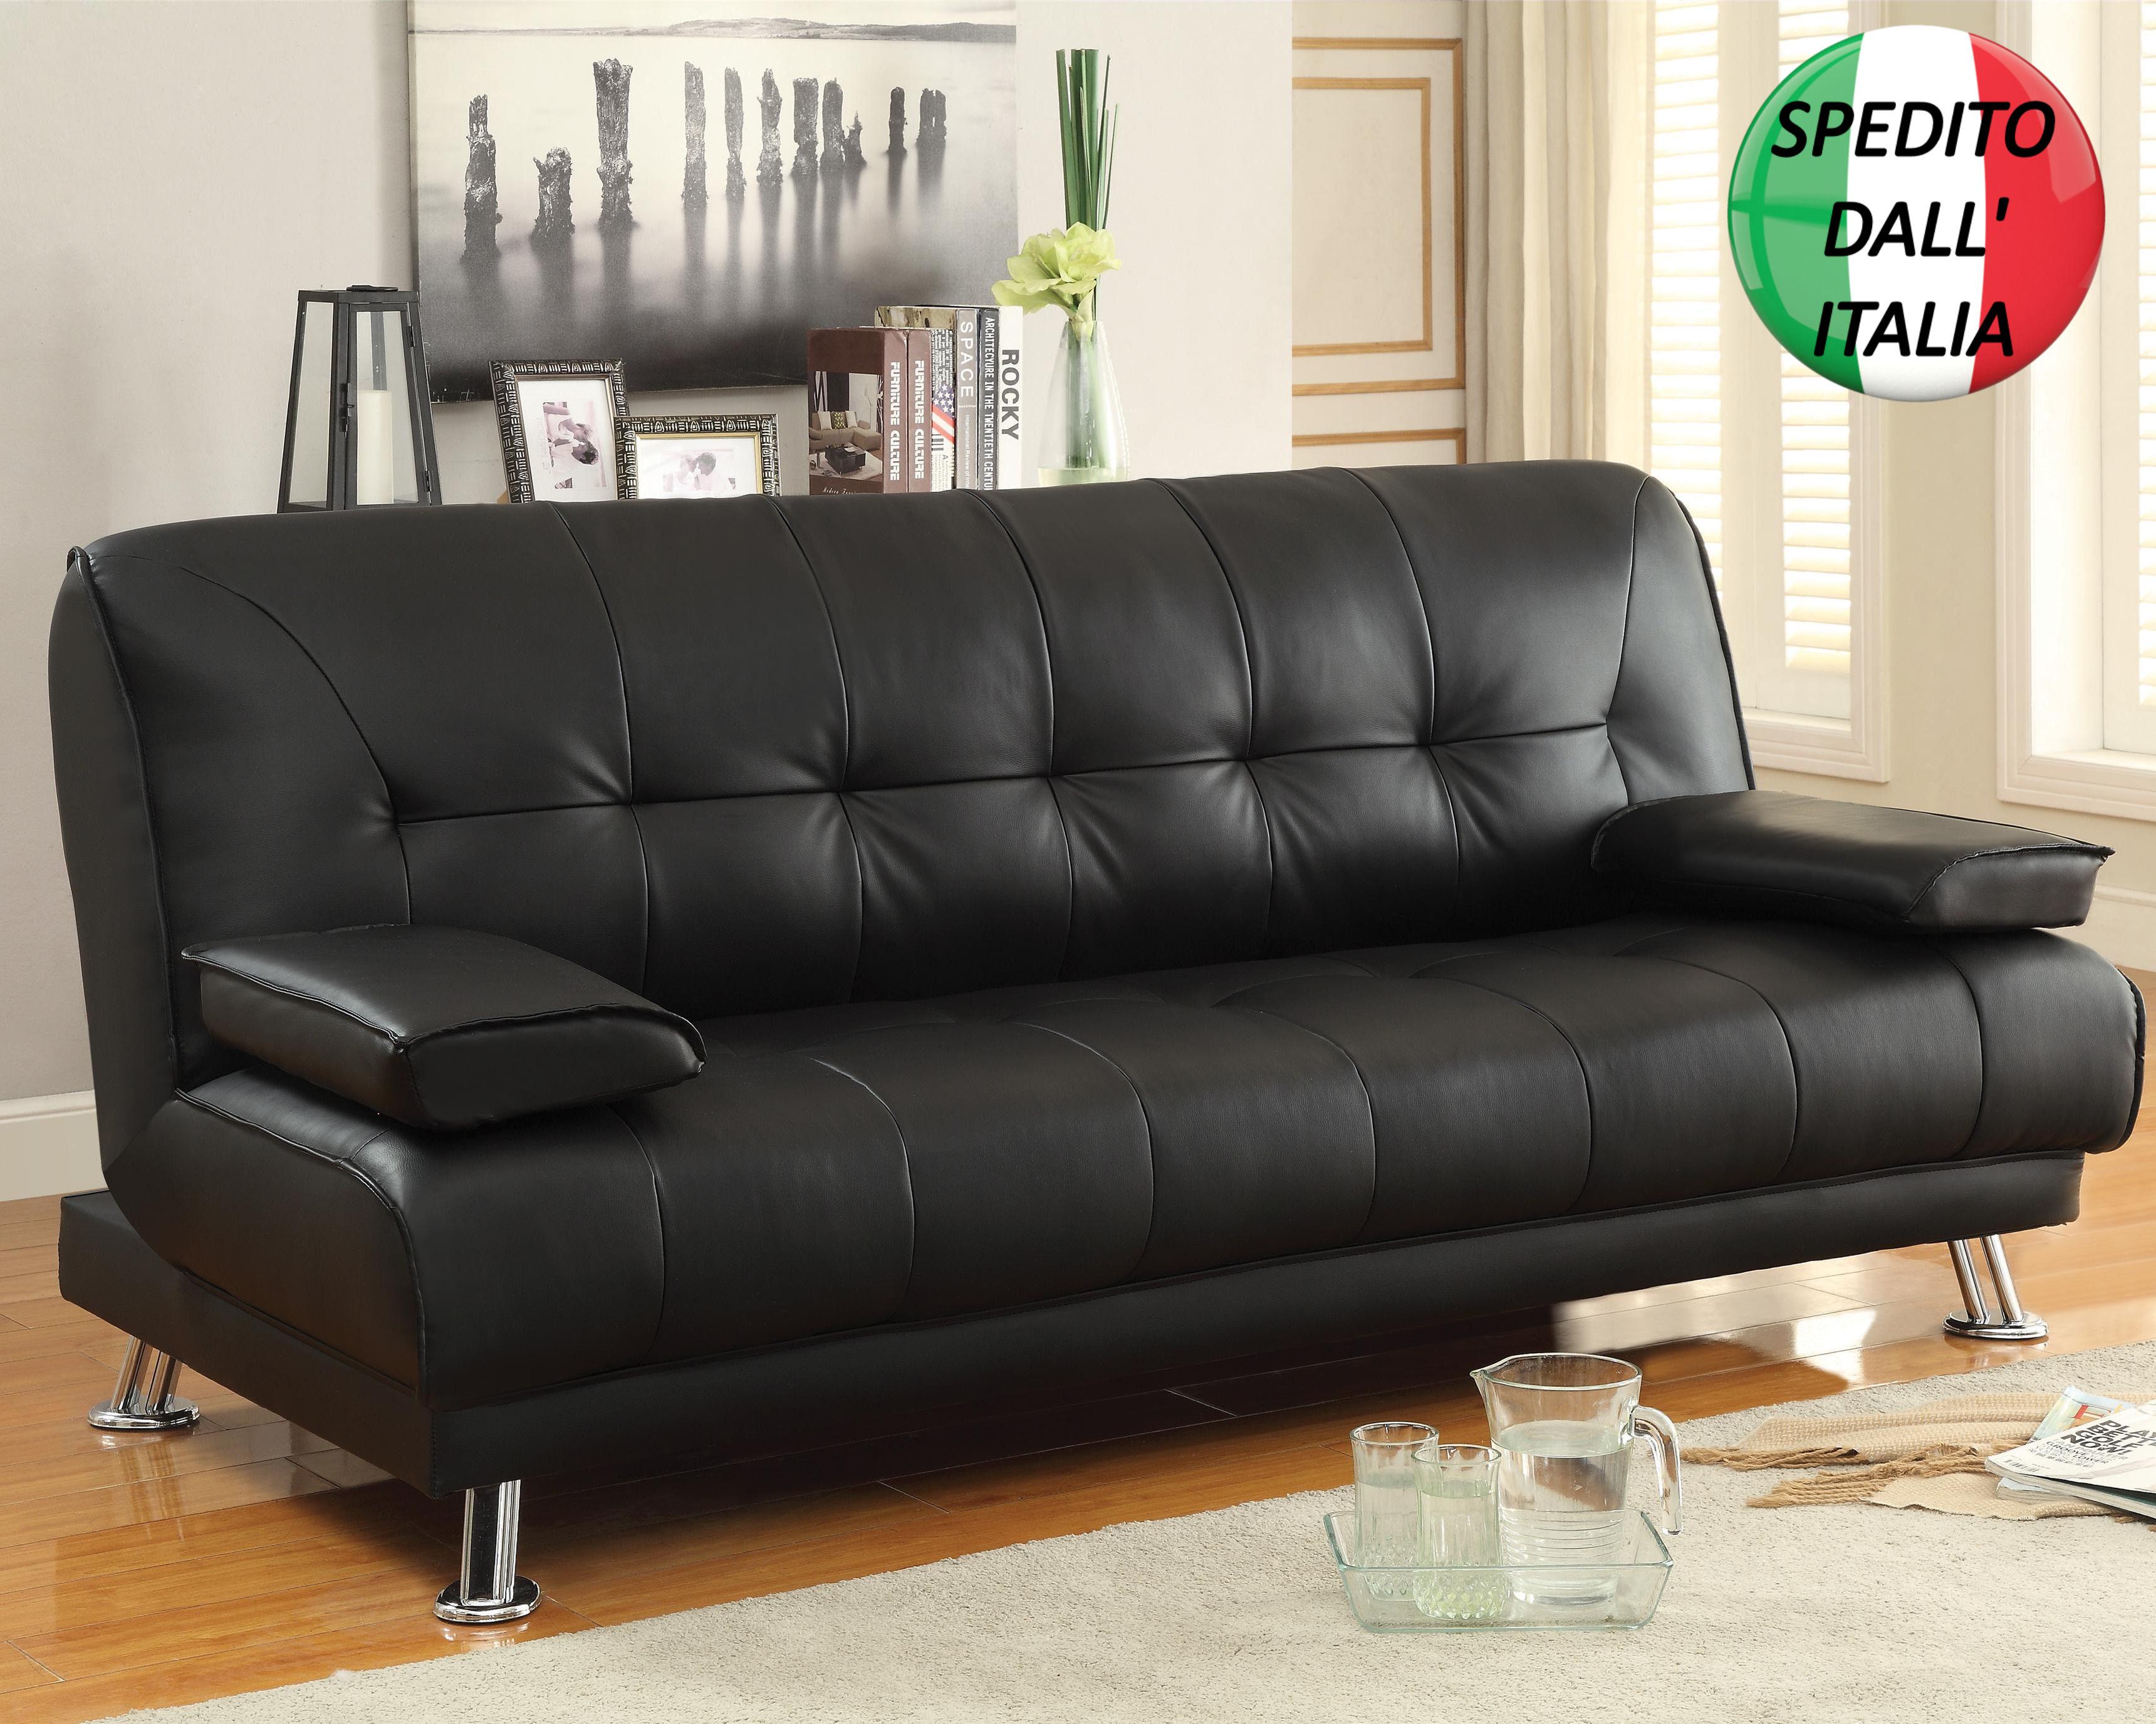 Divano letto in ecopelle similpelle tessuto reclinabile 2 for Divano letto 3 posti